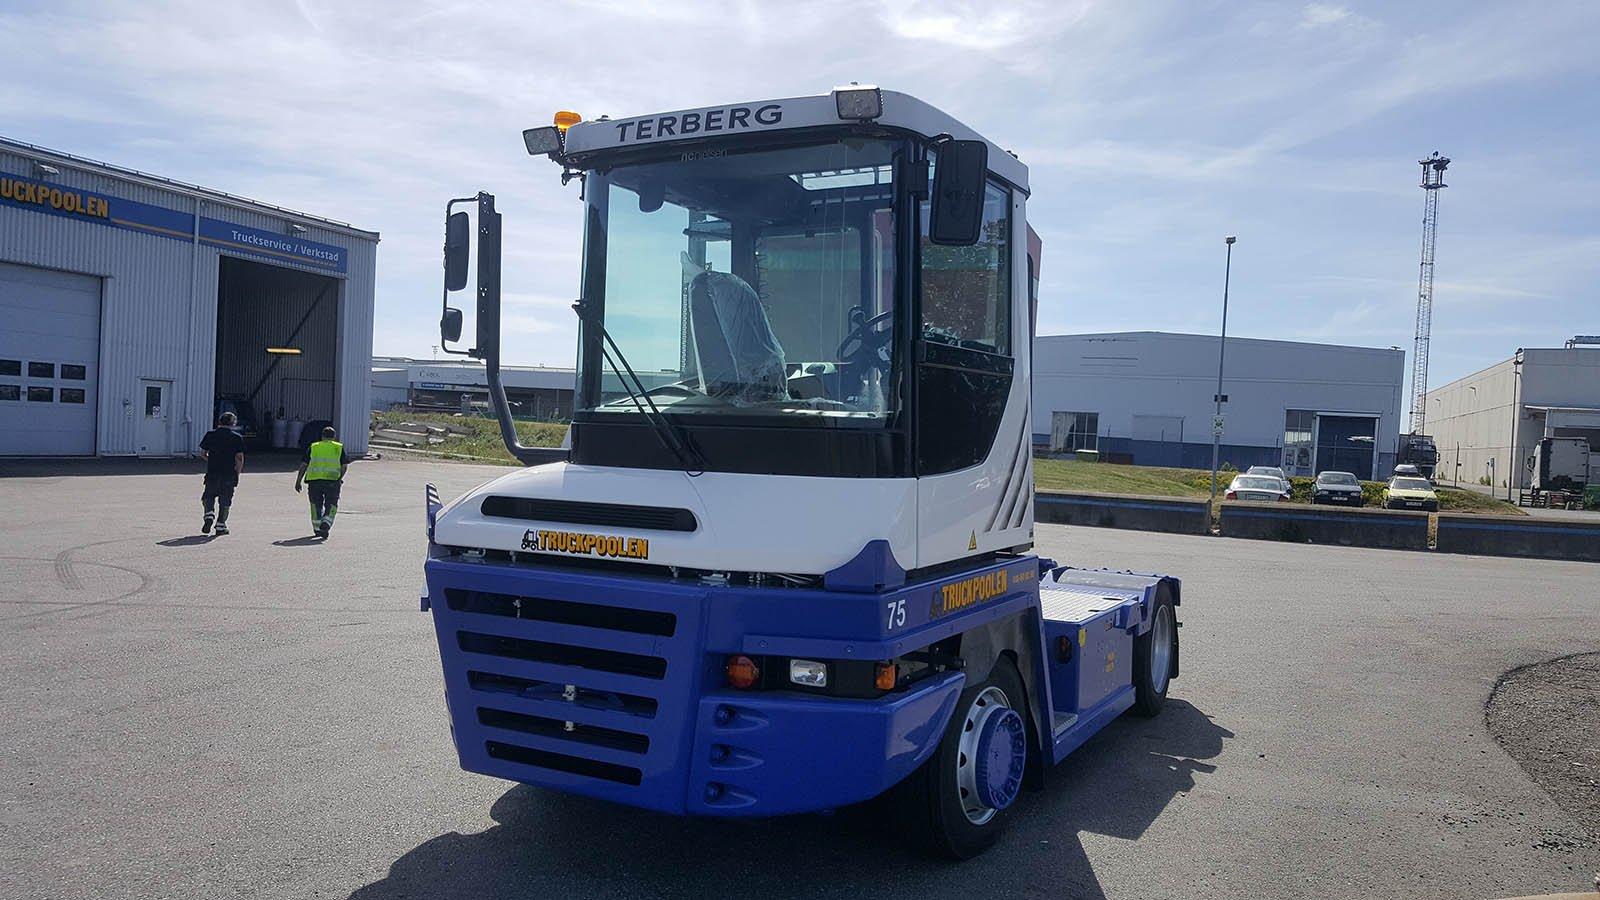 En blåvit truck utanför en verkstad som utför truckservice i Göteborg.